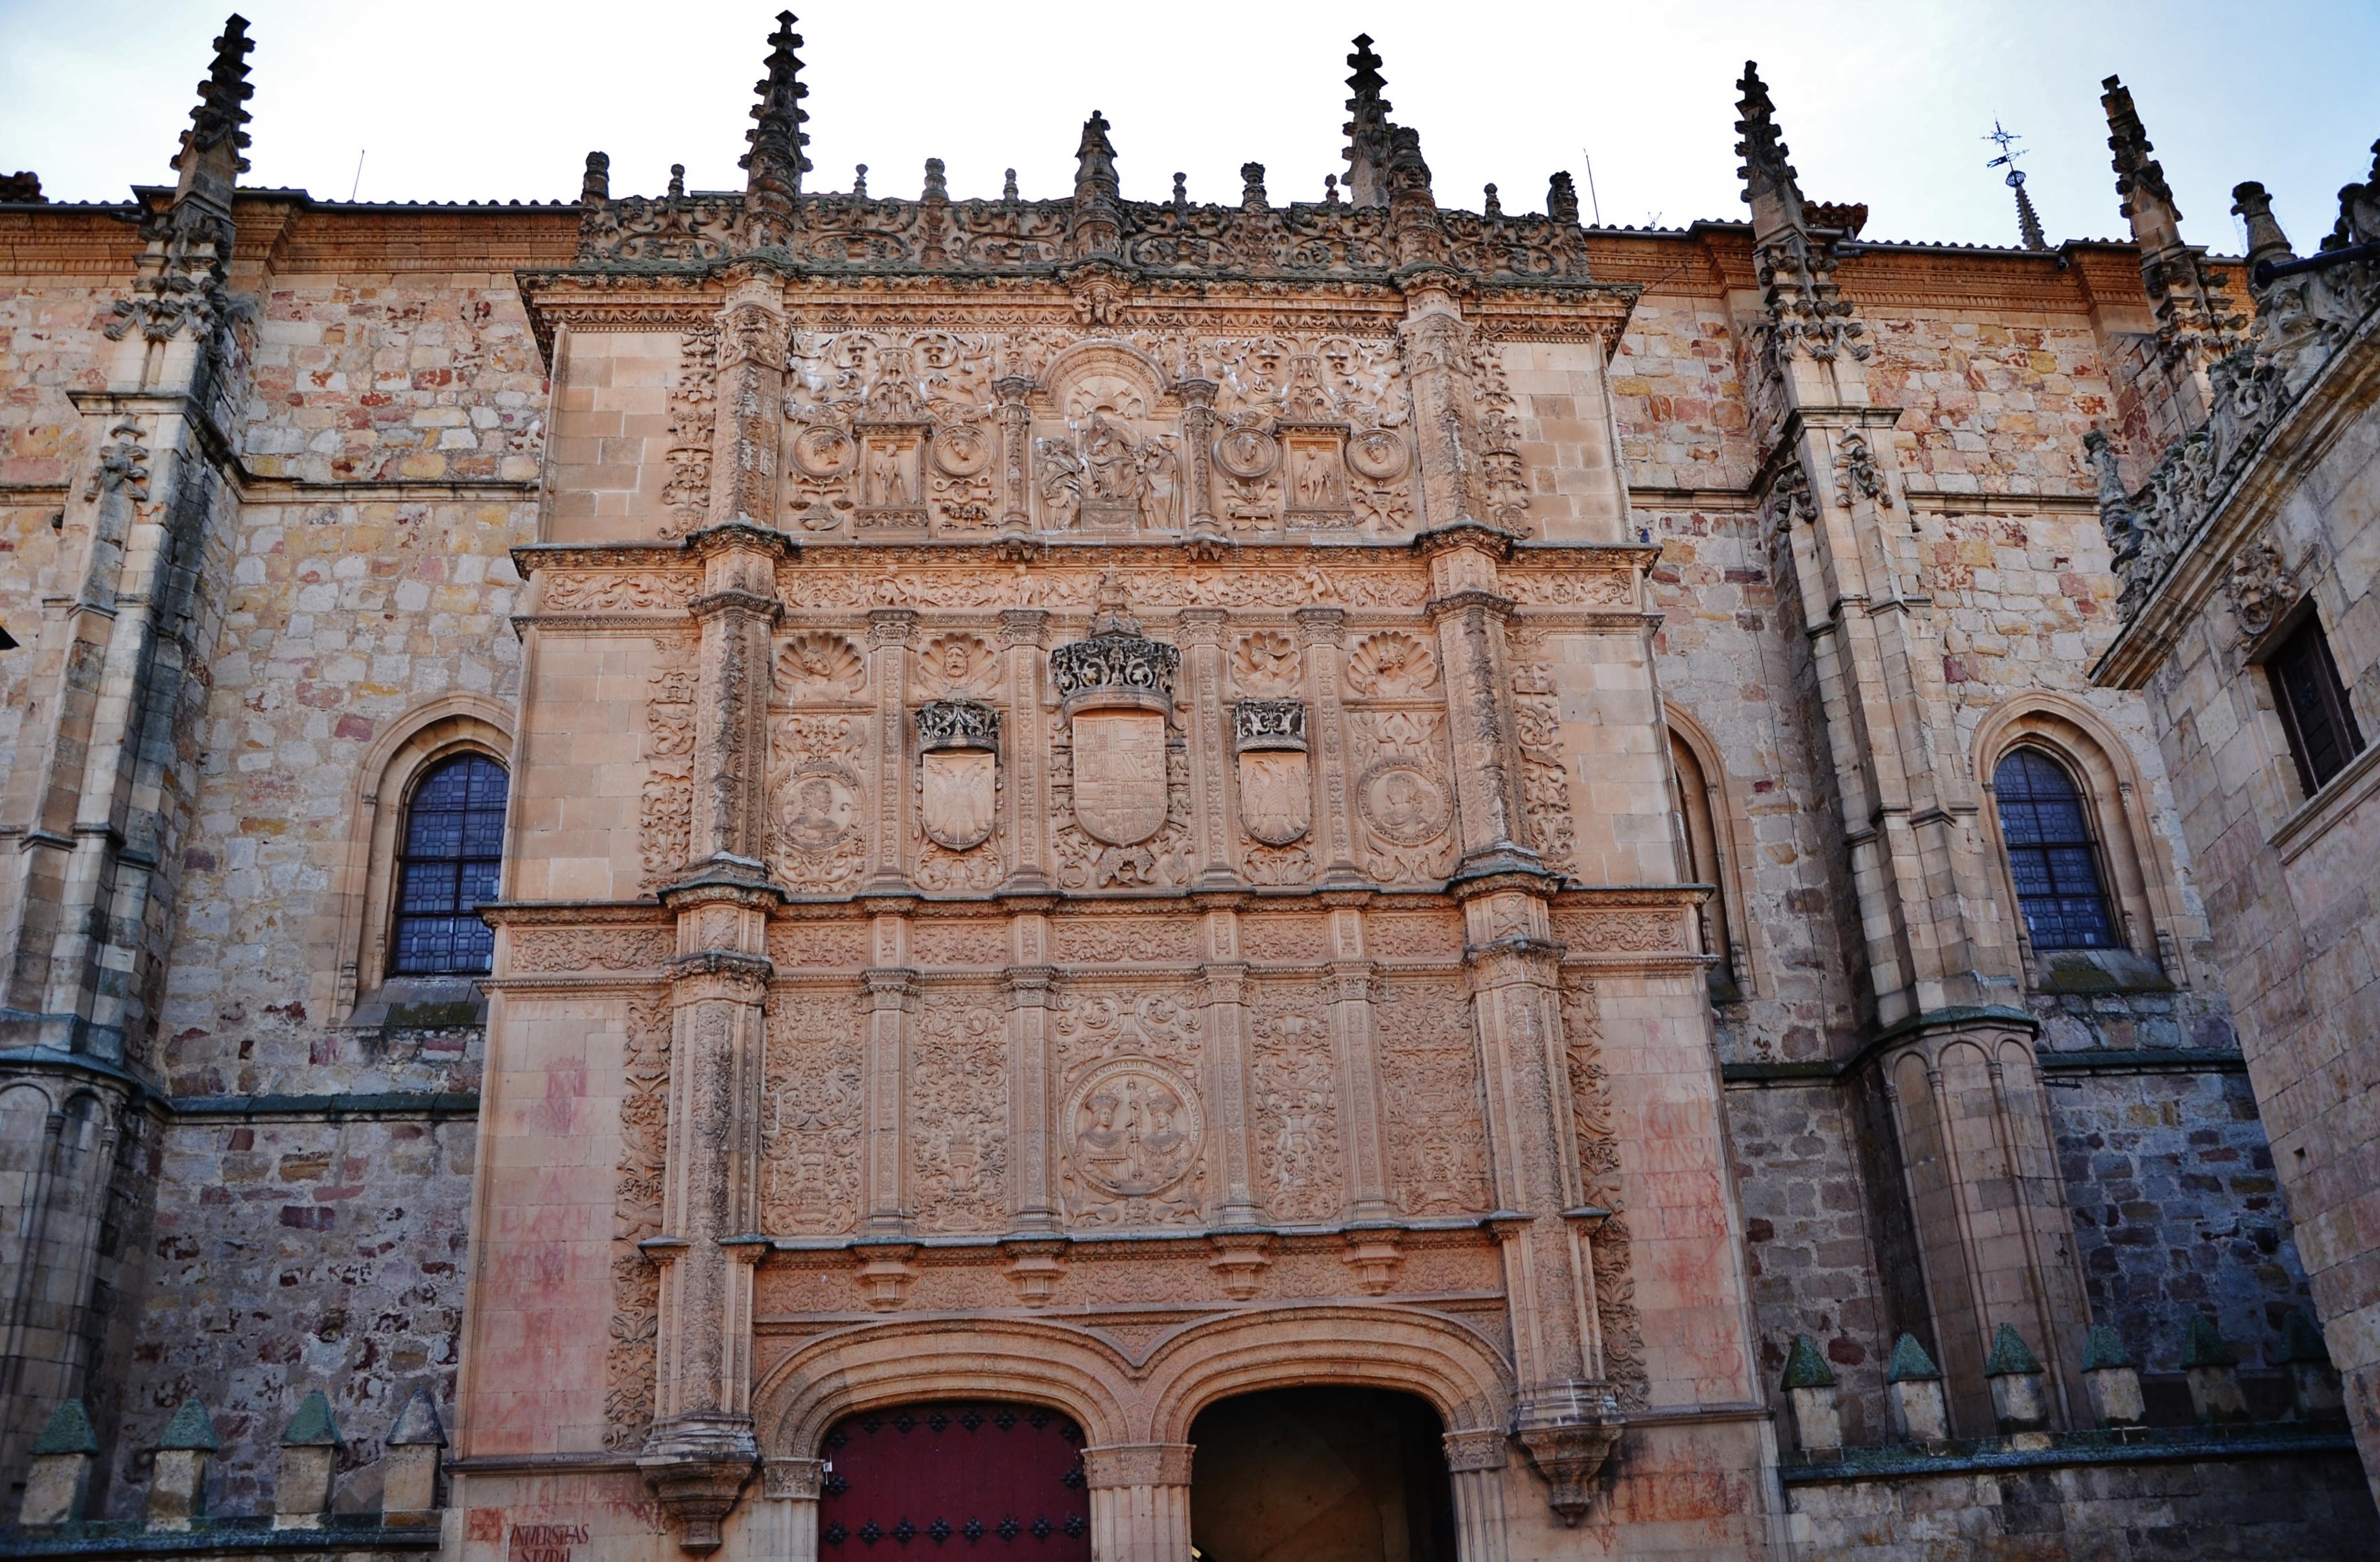 File:WLM14ES - Fachada principal del Edificio histórico de ... - photo#9